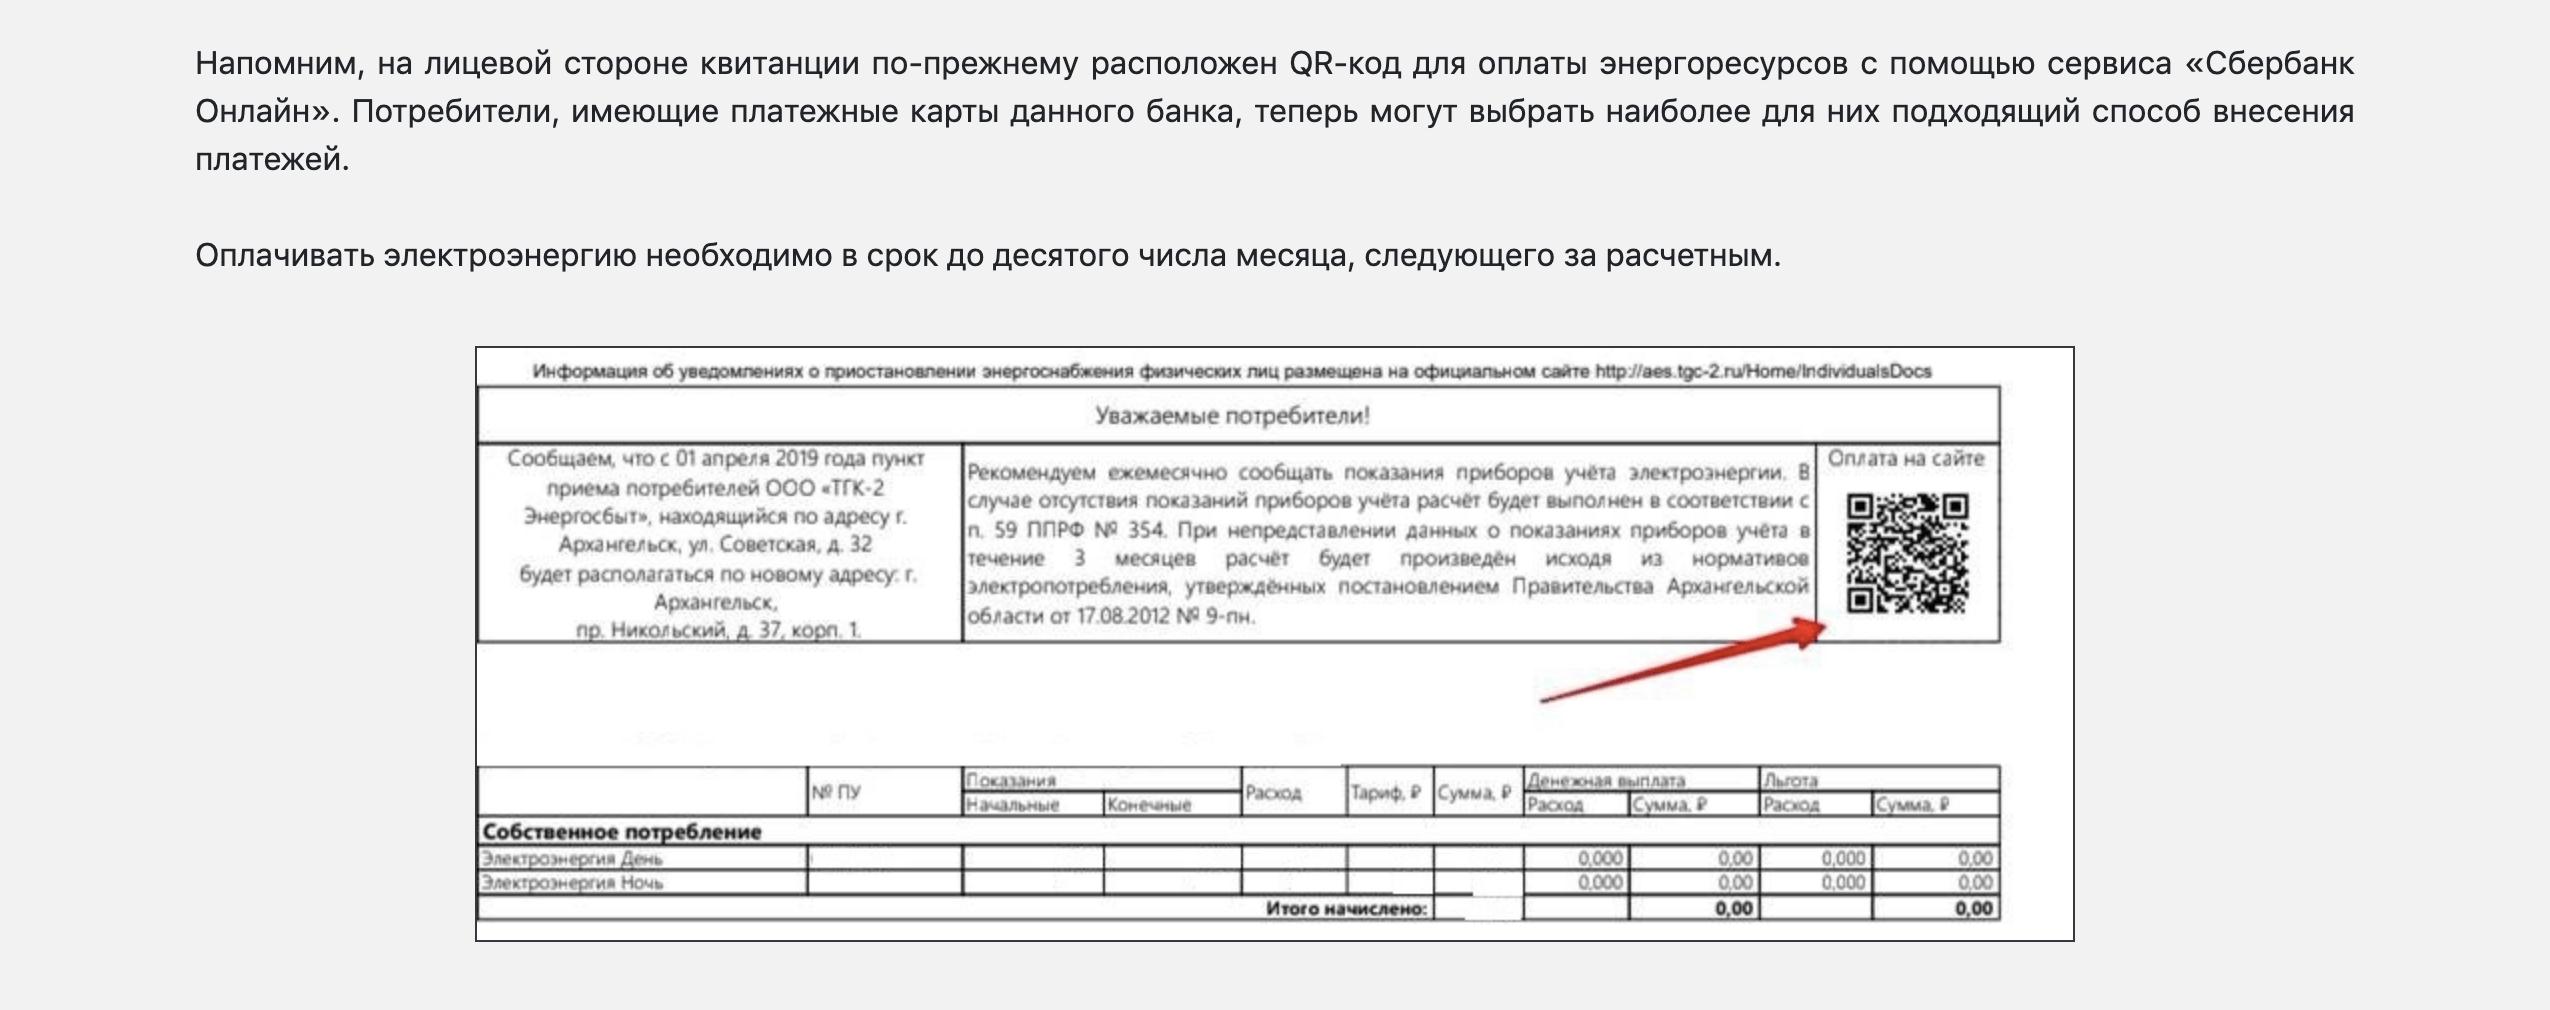 В Архангельске энергосбыт рассказал о нововведении на своем сайте